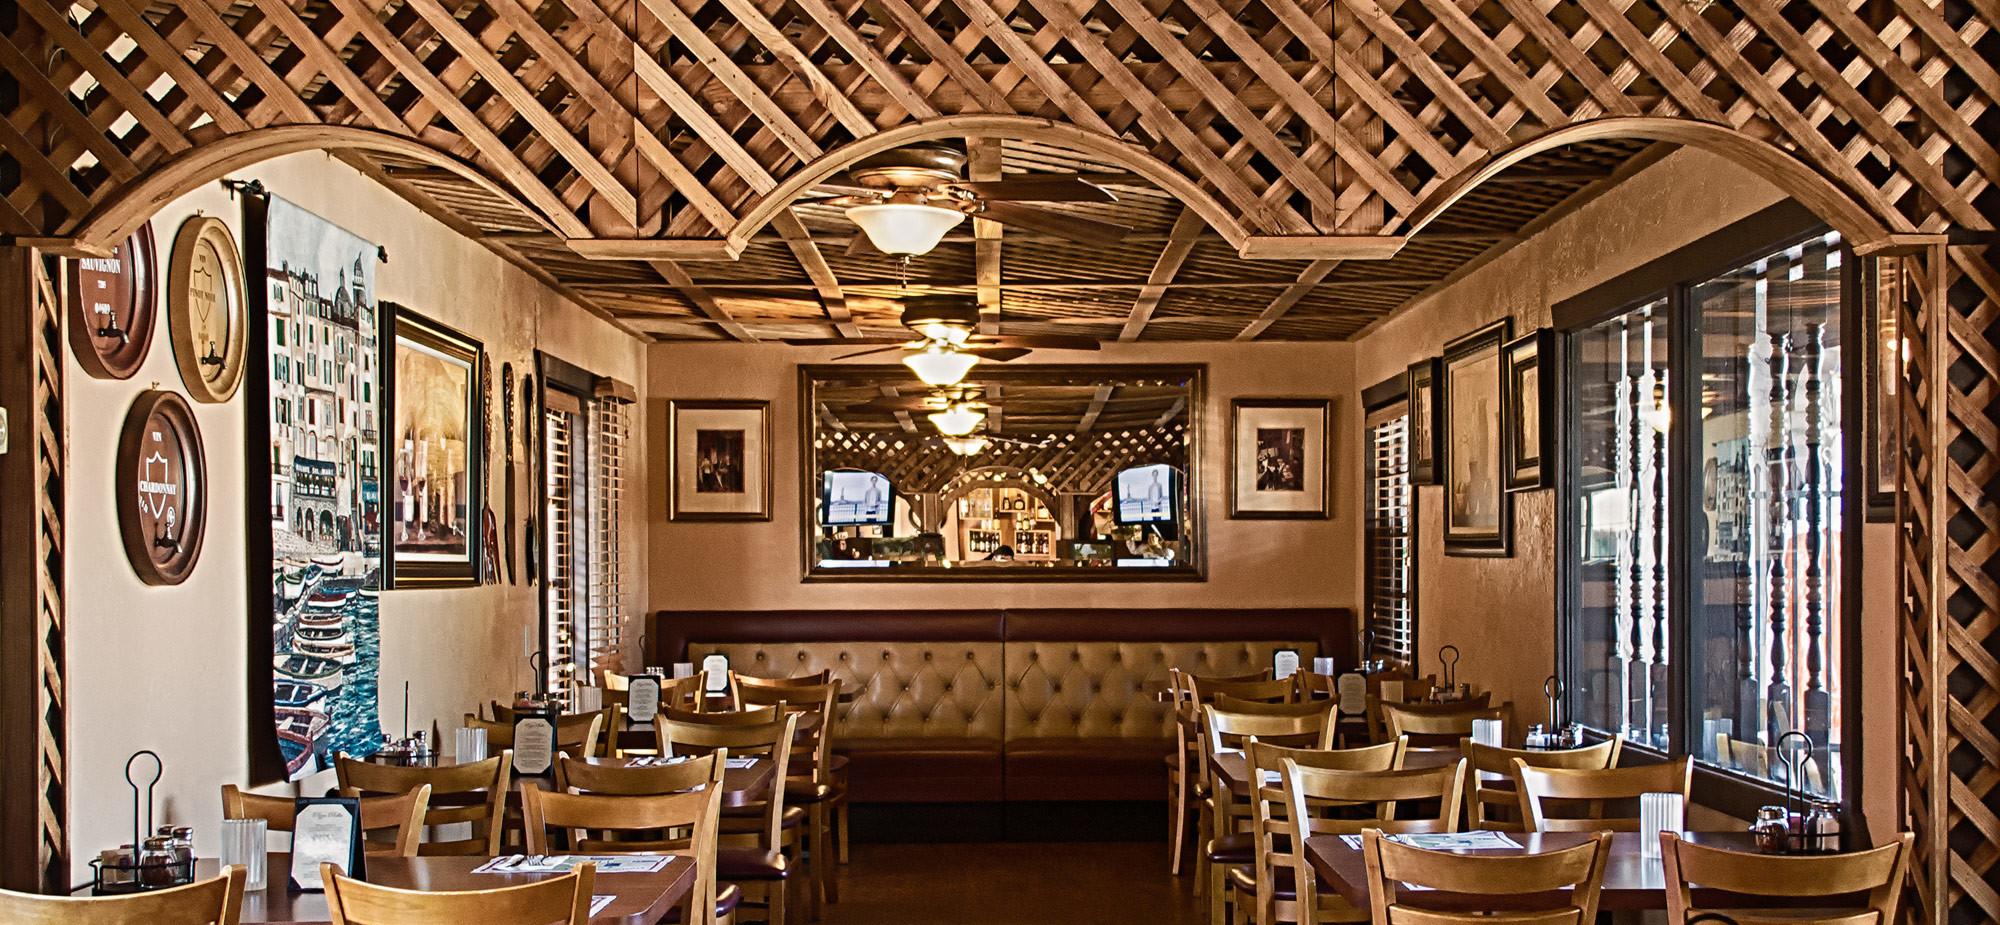 Mike S Italian Restaurant